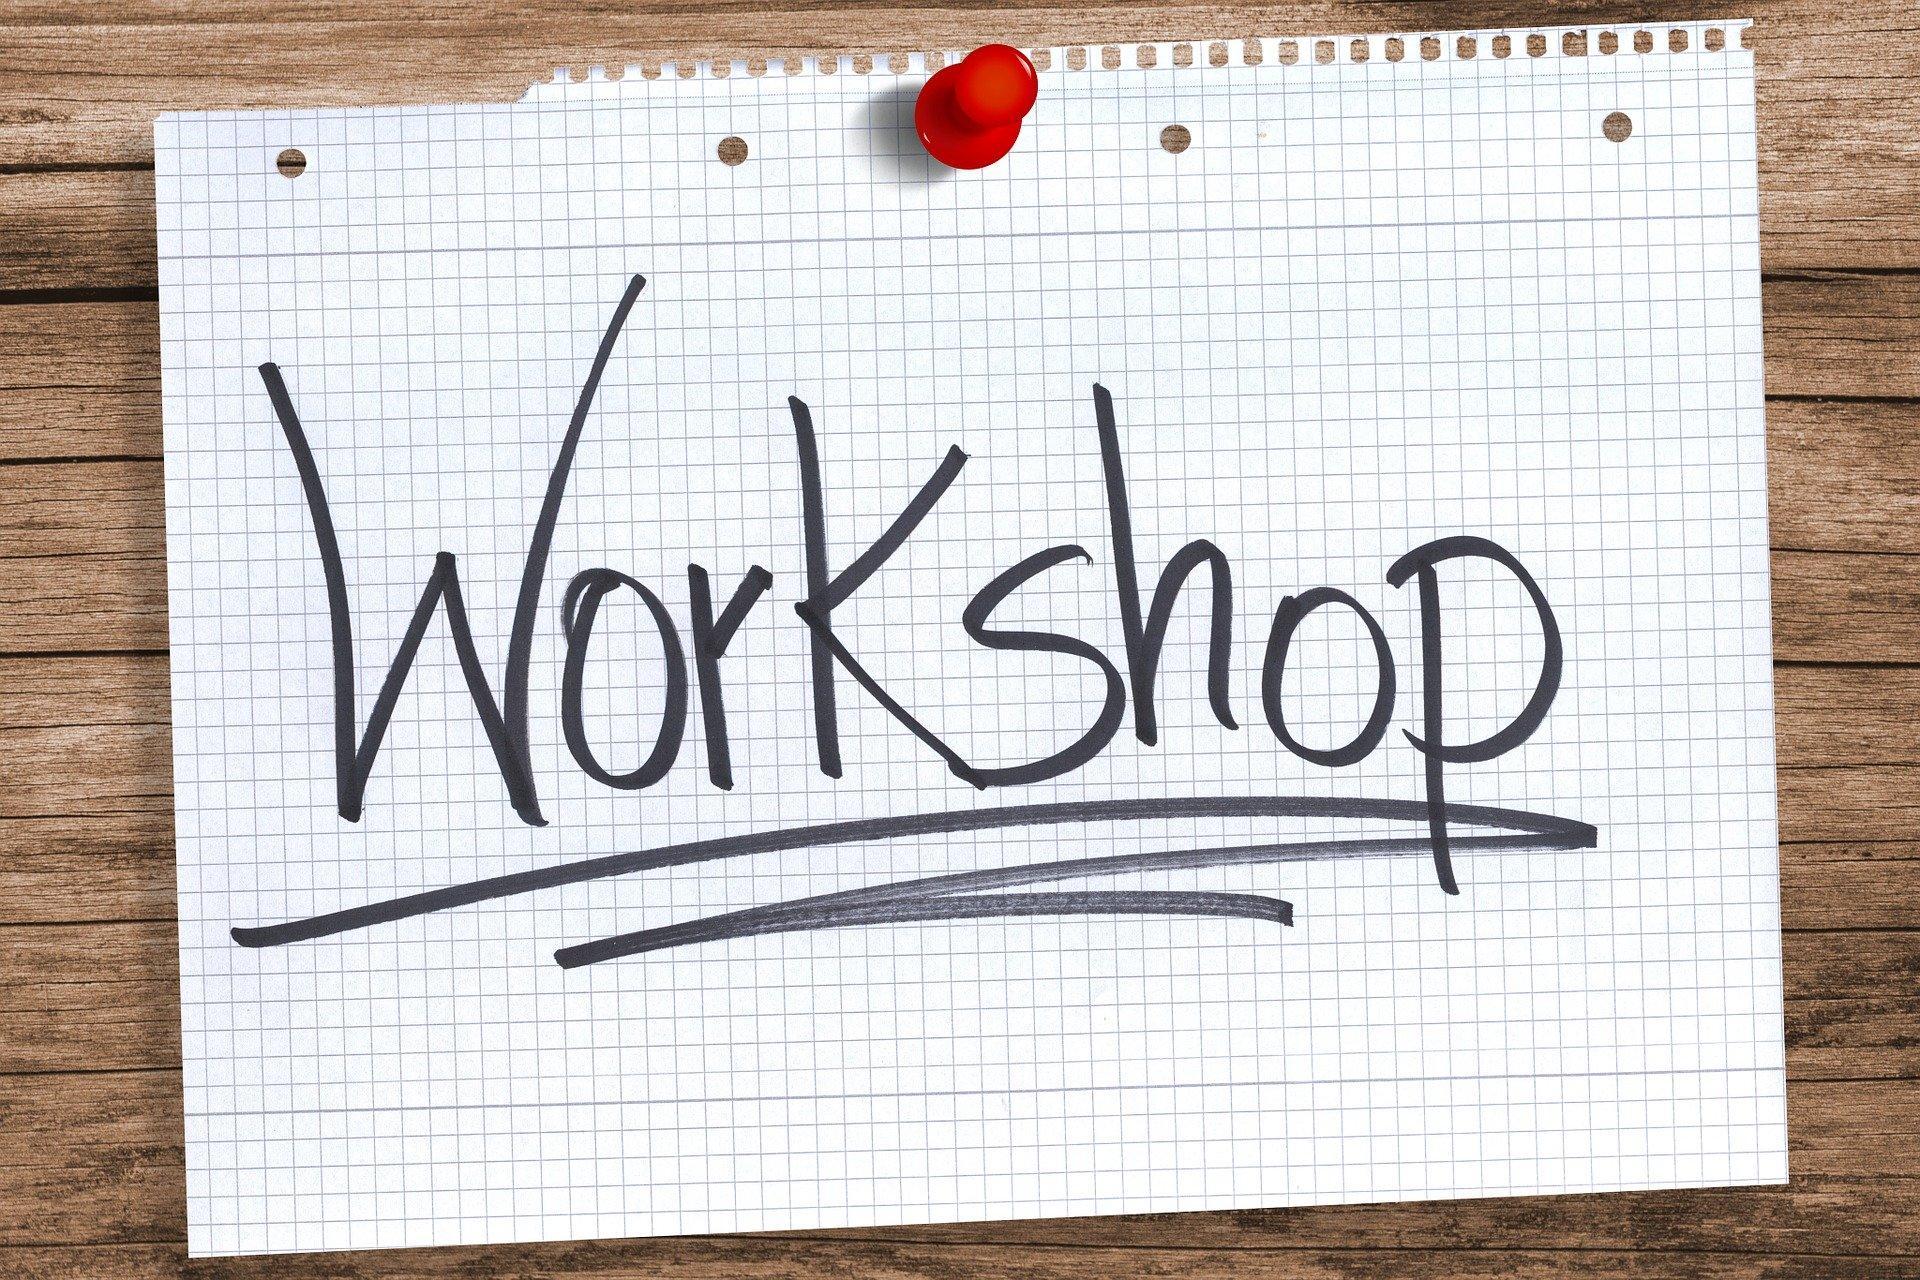 Workshop (c) Bild von Gerd Altmann auf Pixabay